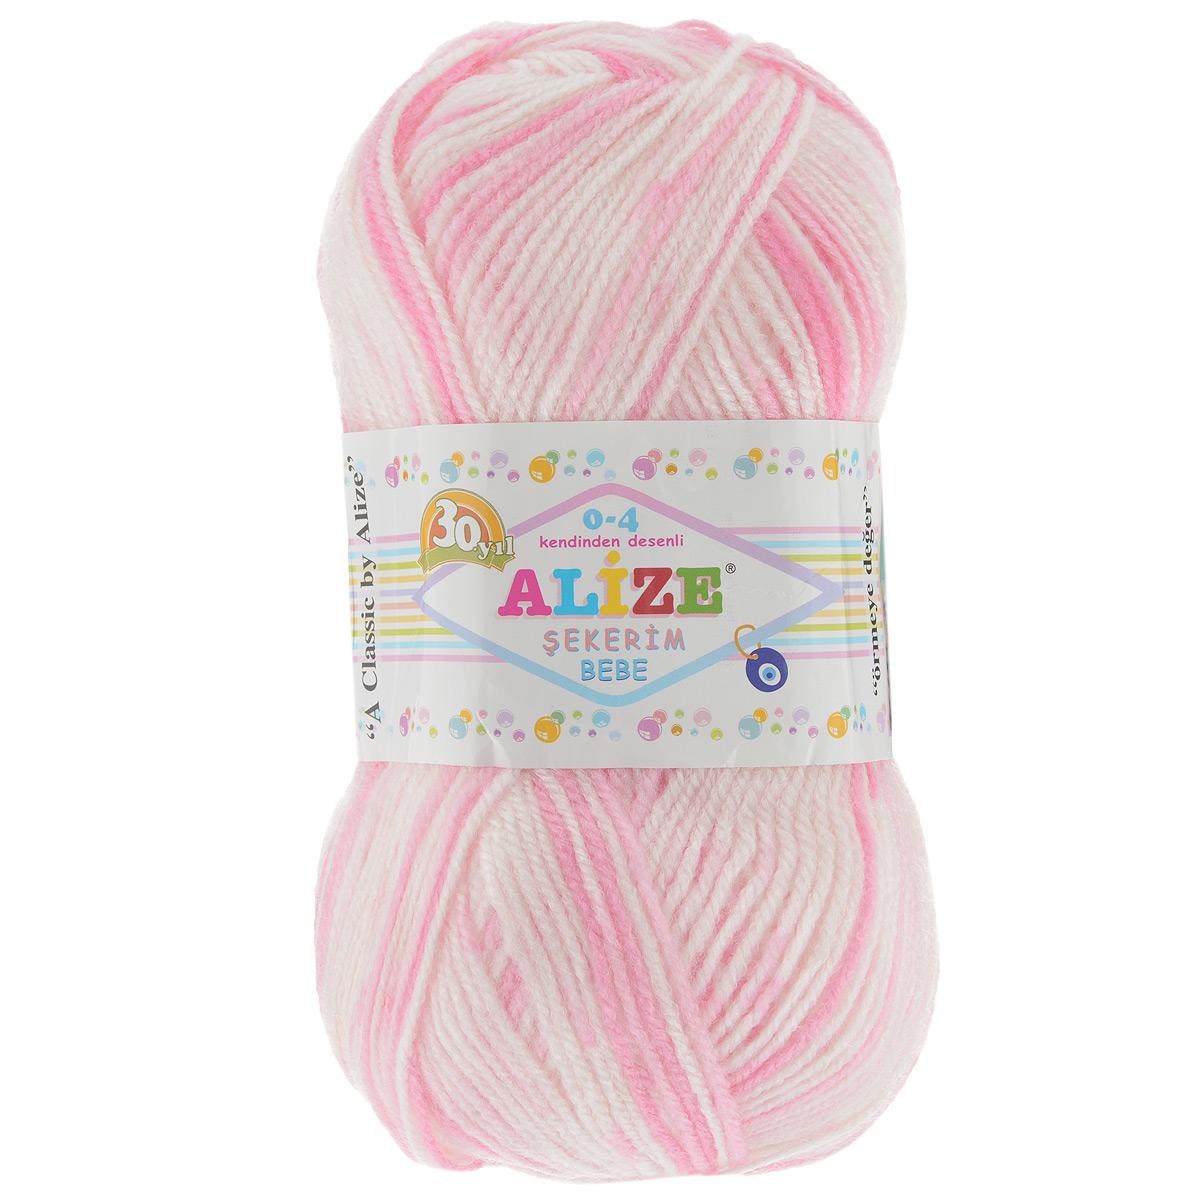 Пряжа для вязания Alize Sekerim Bebe, цвет: белый, нежно-розовый (507), 350 м, 100 г, 5 шт364082_507Пряжа для вязания Alize Sekerim Bebe изготовлена из акрила. Фантазийная пряжа для ручного вязания отлично подойдет для детских вещей. Ниточка мягкая и приятная на ощупь. Подходит для вязания спицами и крючком. Рекомендованные спицы 3-4 мм и крючок для вязания 2-4 мм. Состав: 100% акрил.